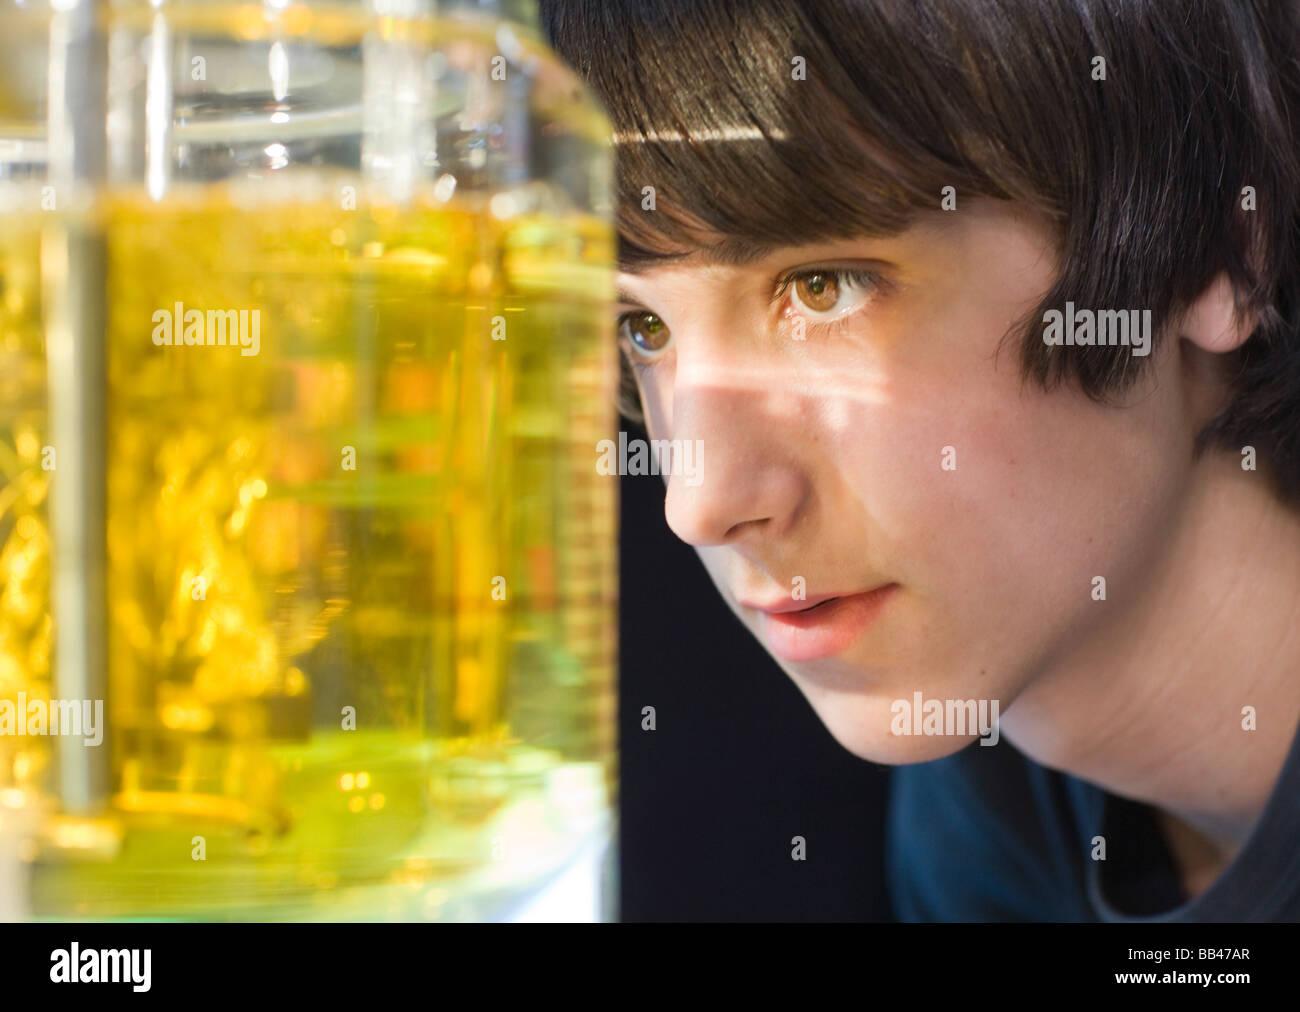 Cours de chimie à des élèves Banque D'Images